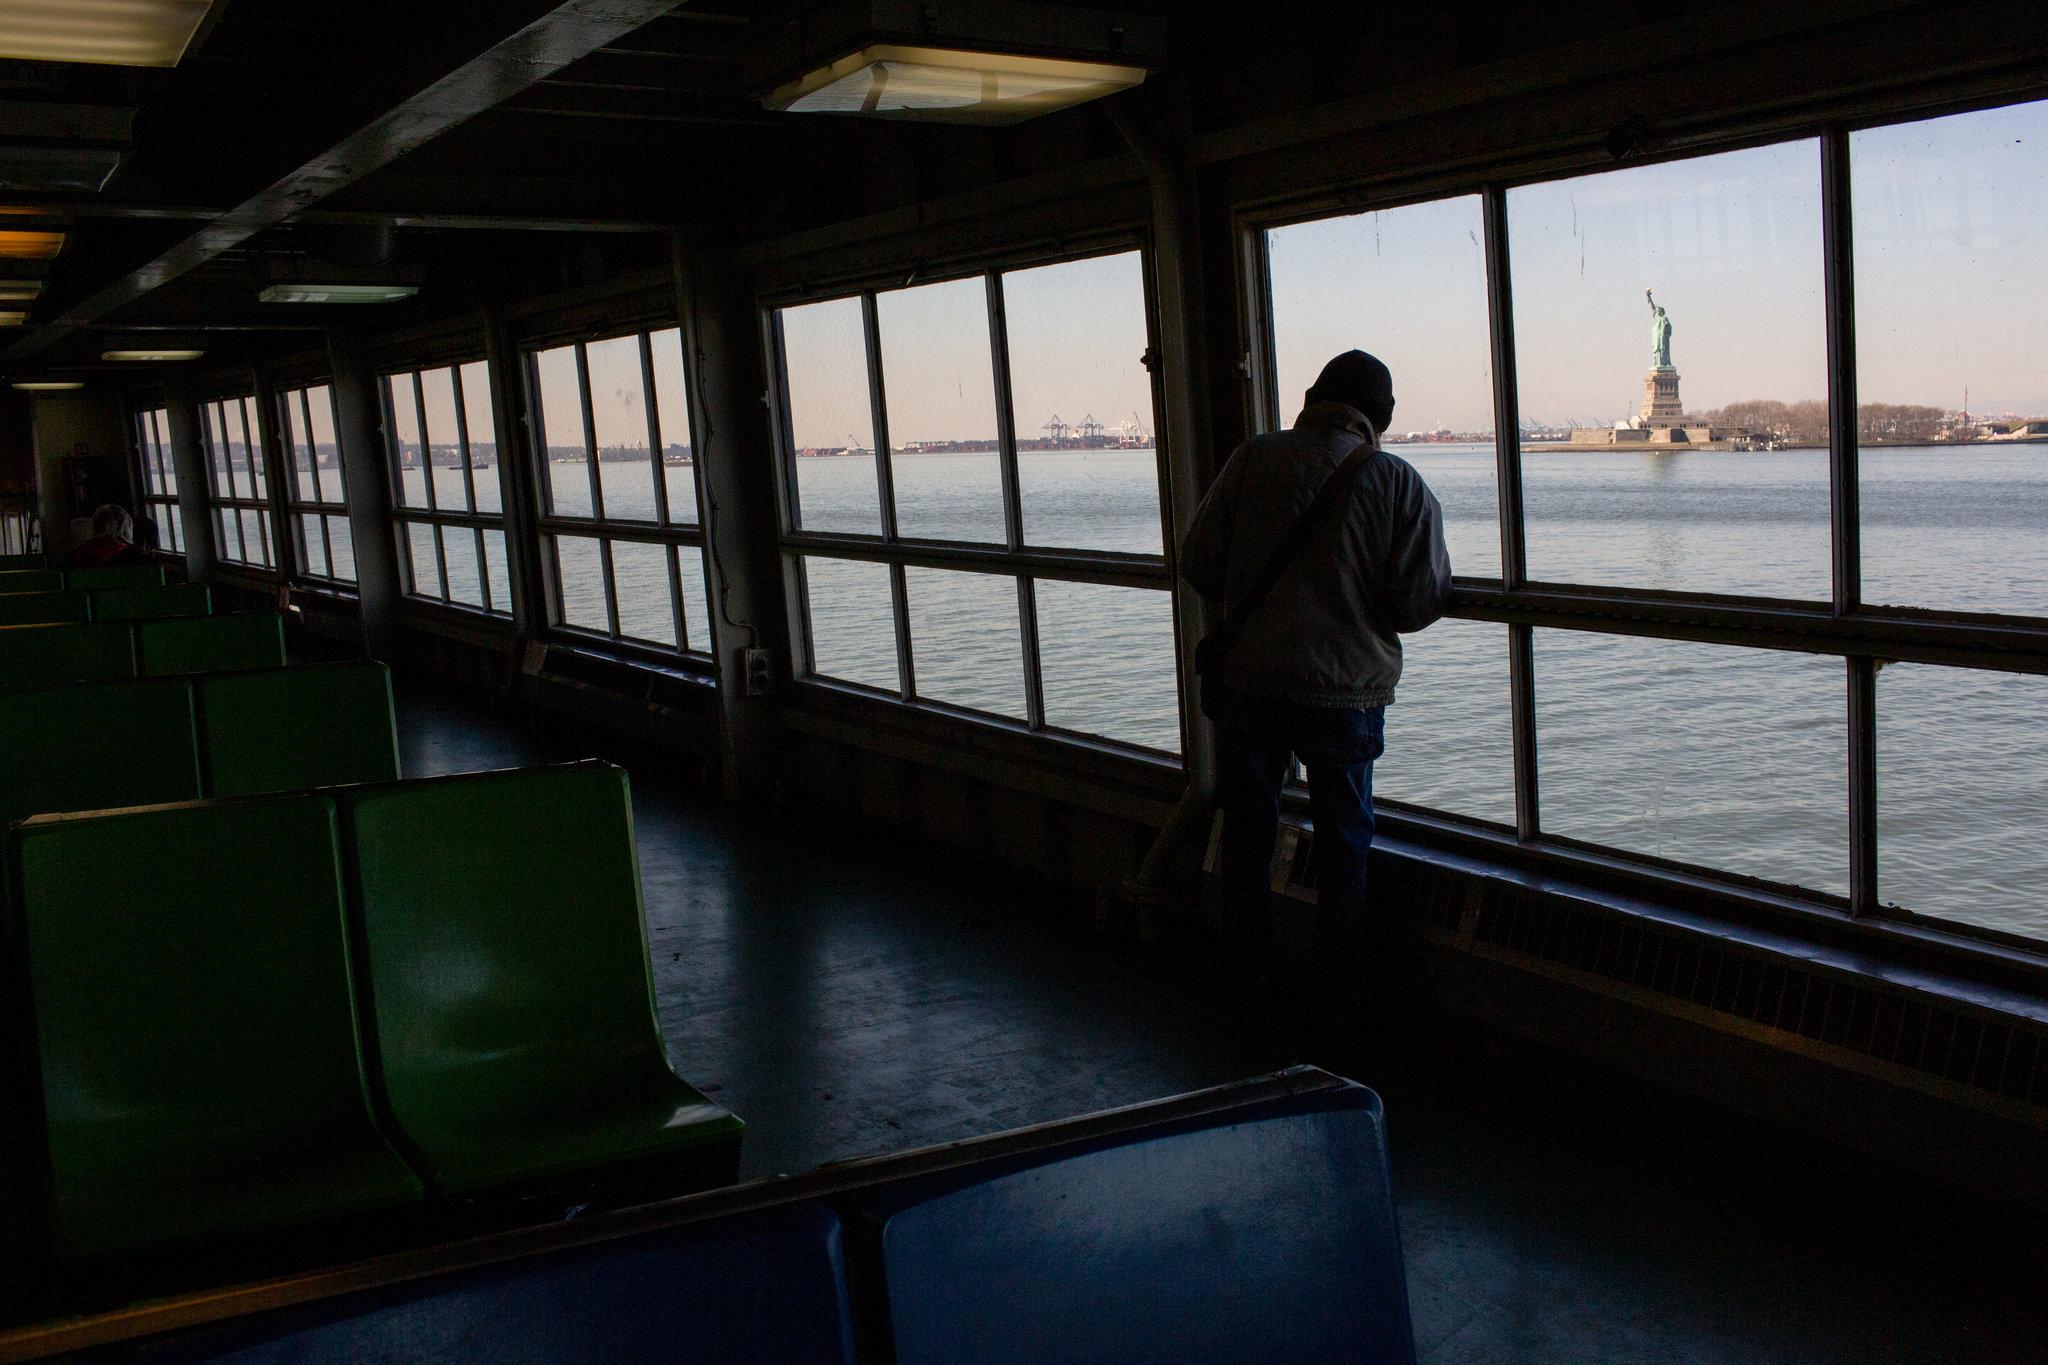 Bầu không khí tại các khu vực khác của New York cũng trở nên tĩnh lặng.